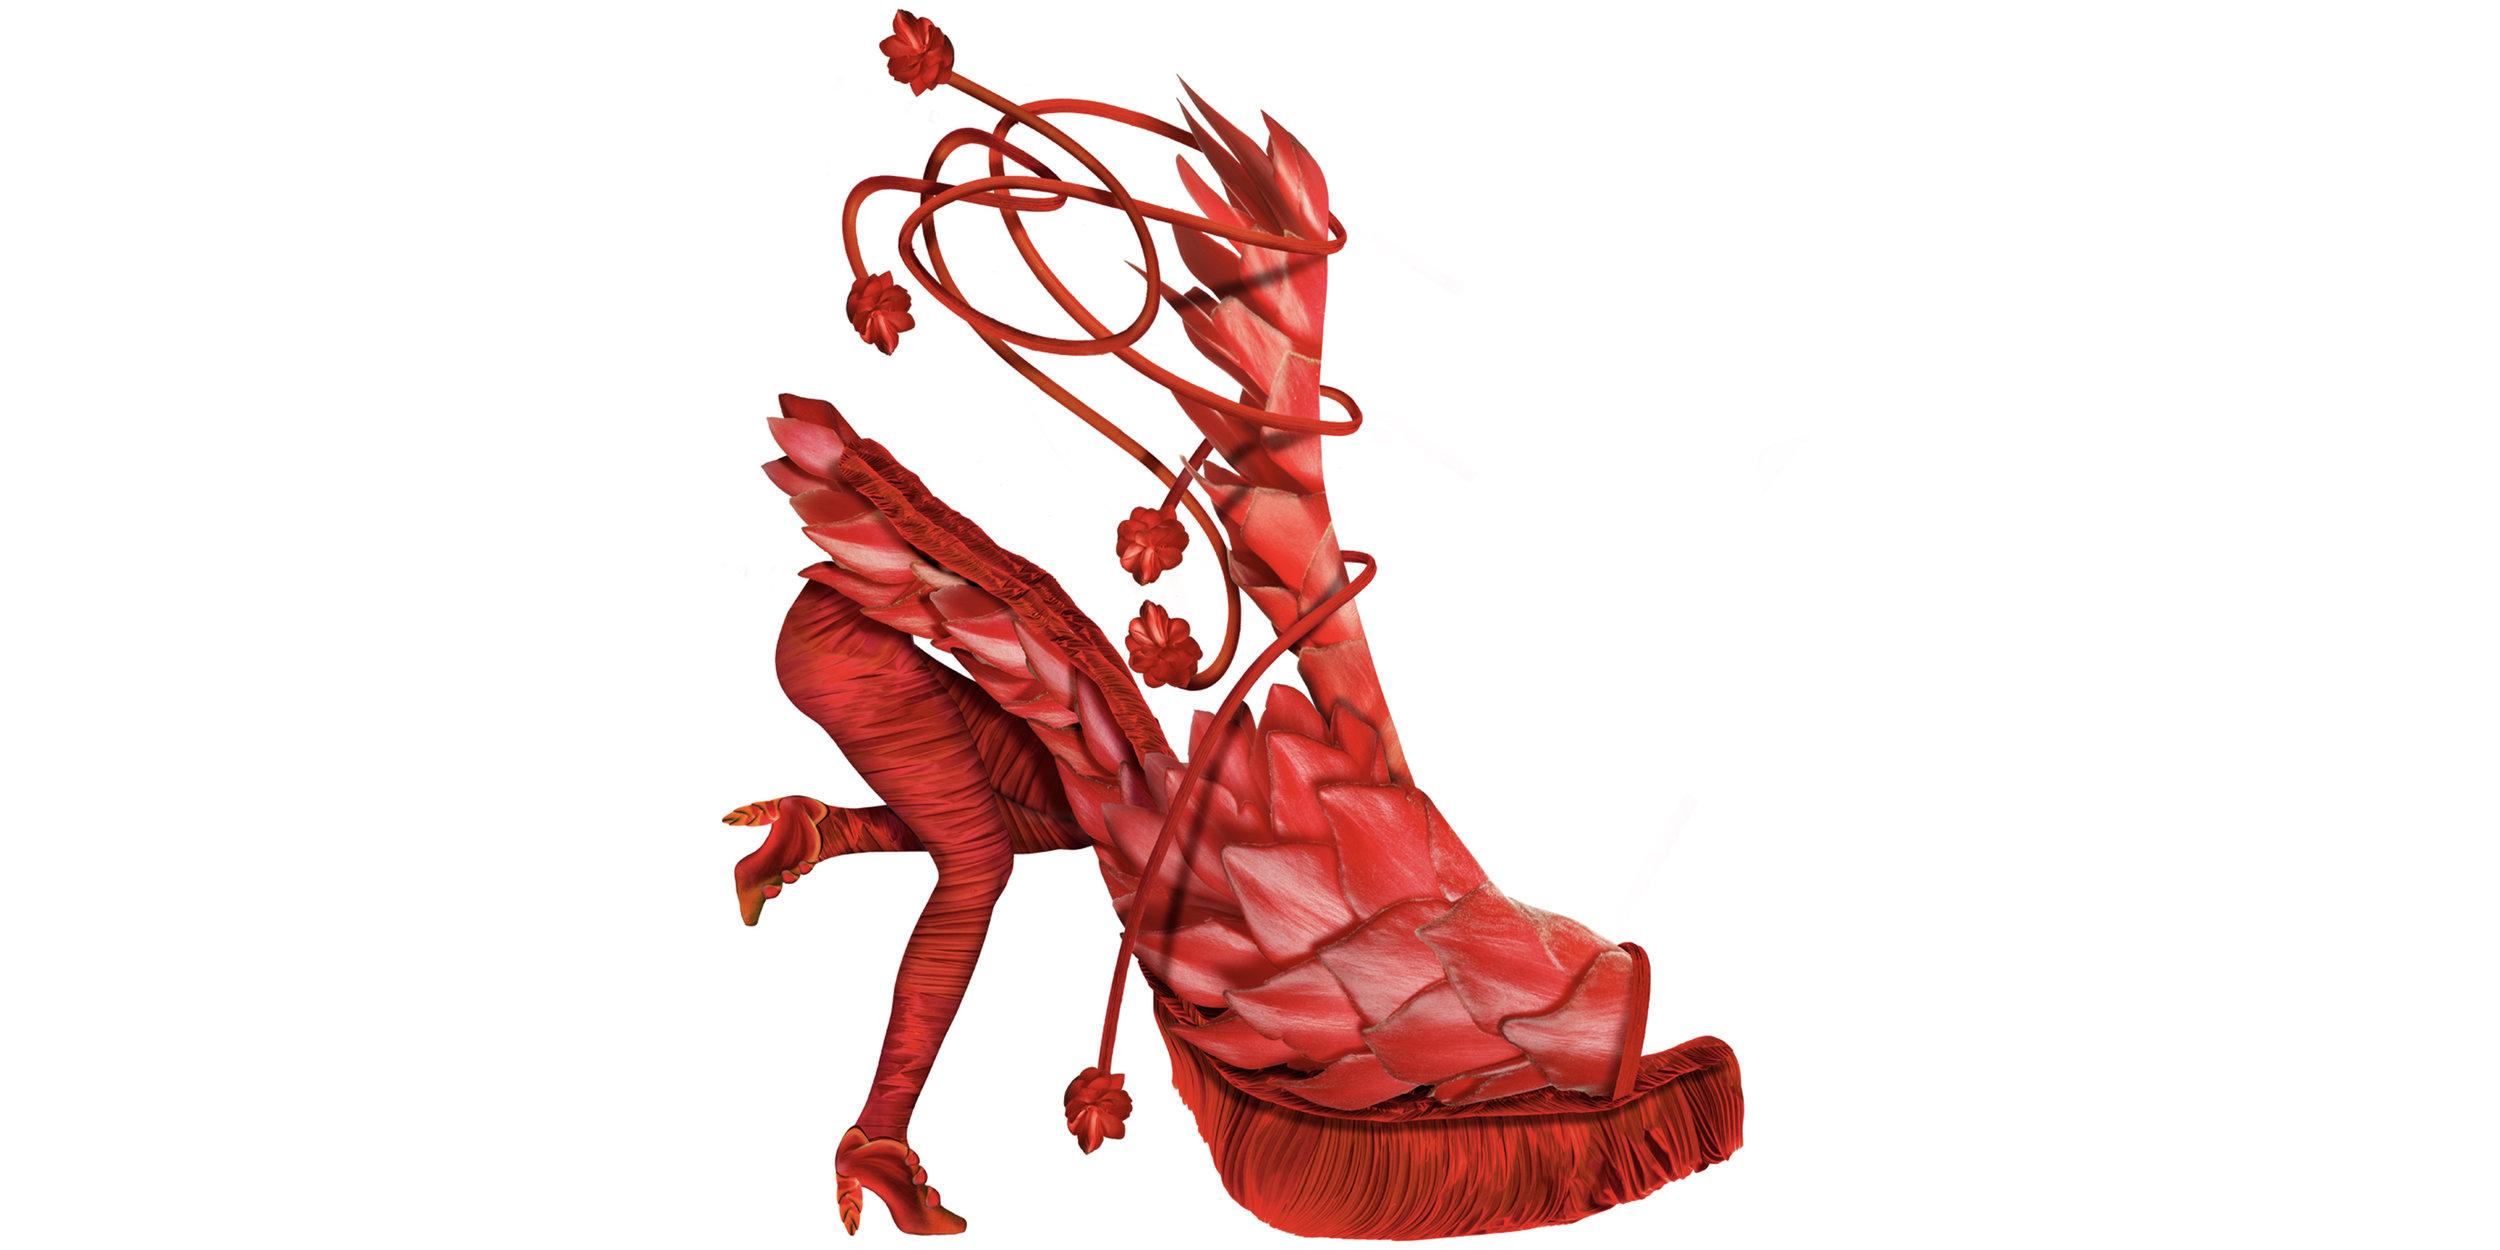 Red_Shoe_Sized.jpg